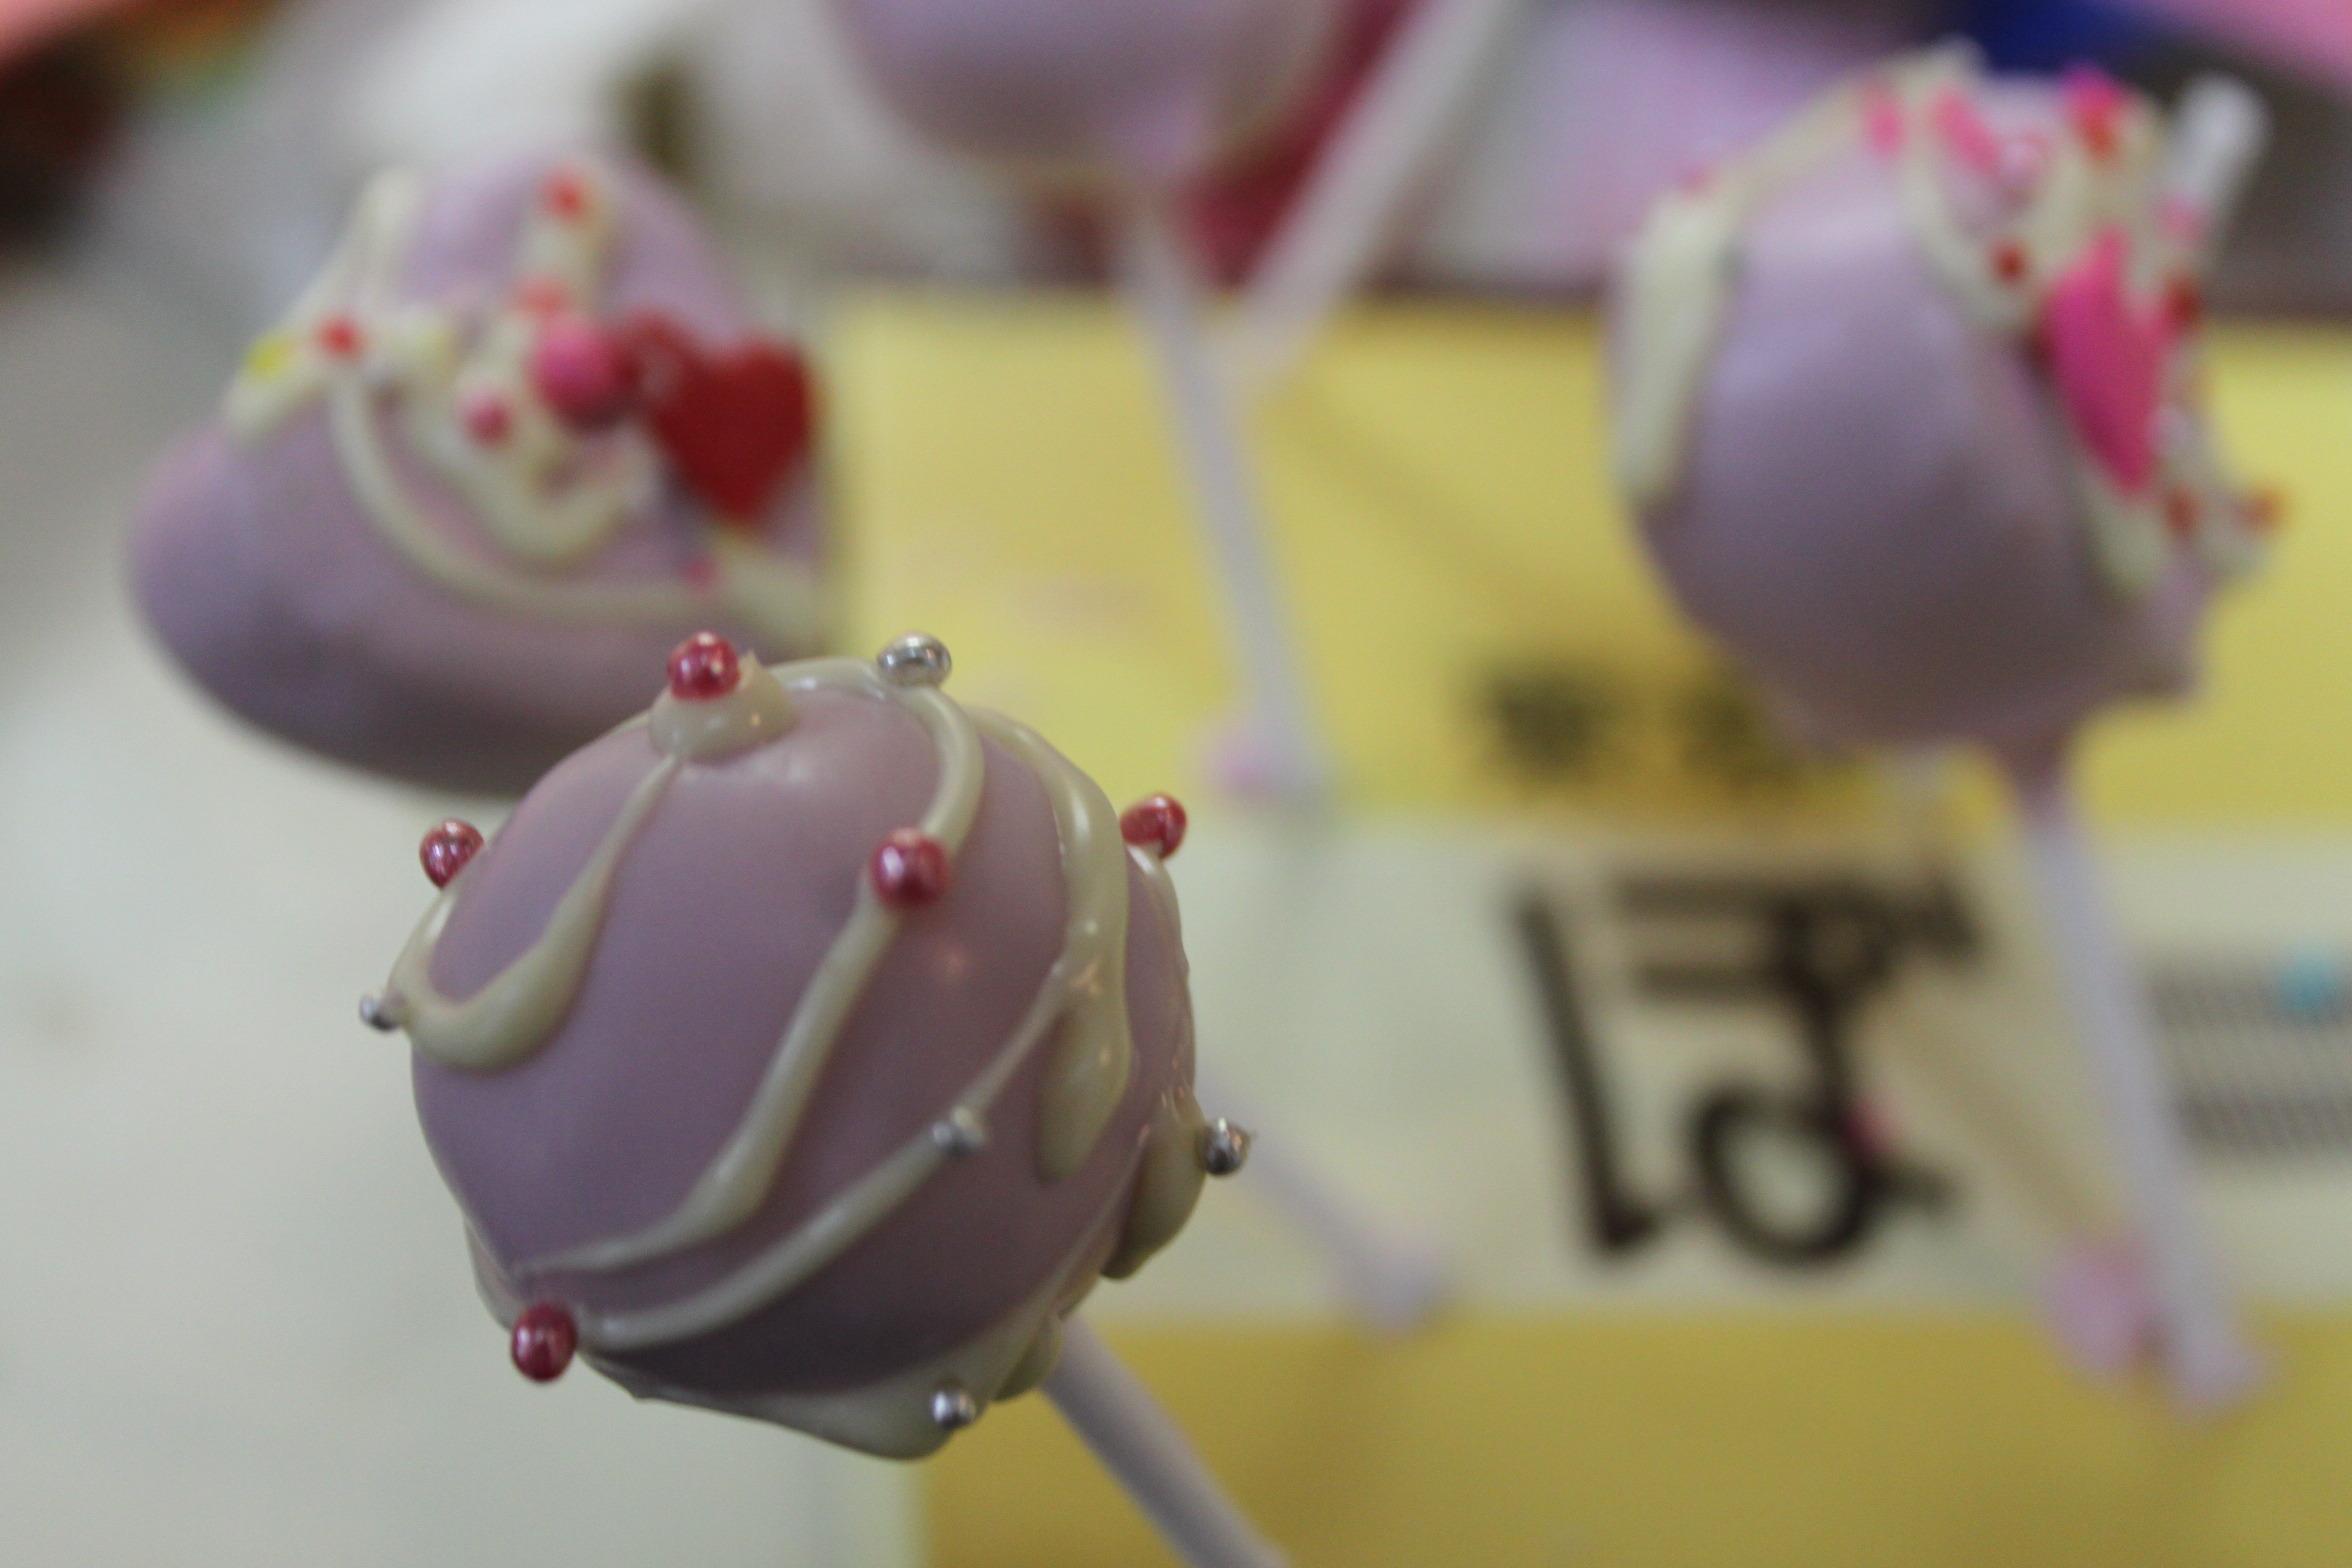 親子で作ろう簡単かわいいバレンタインスイーツ①ロリポップチョコ